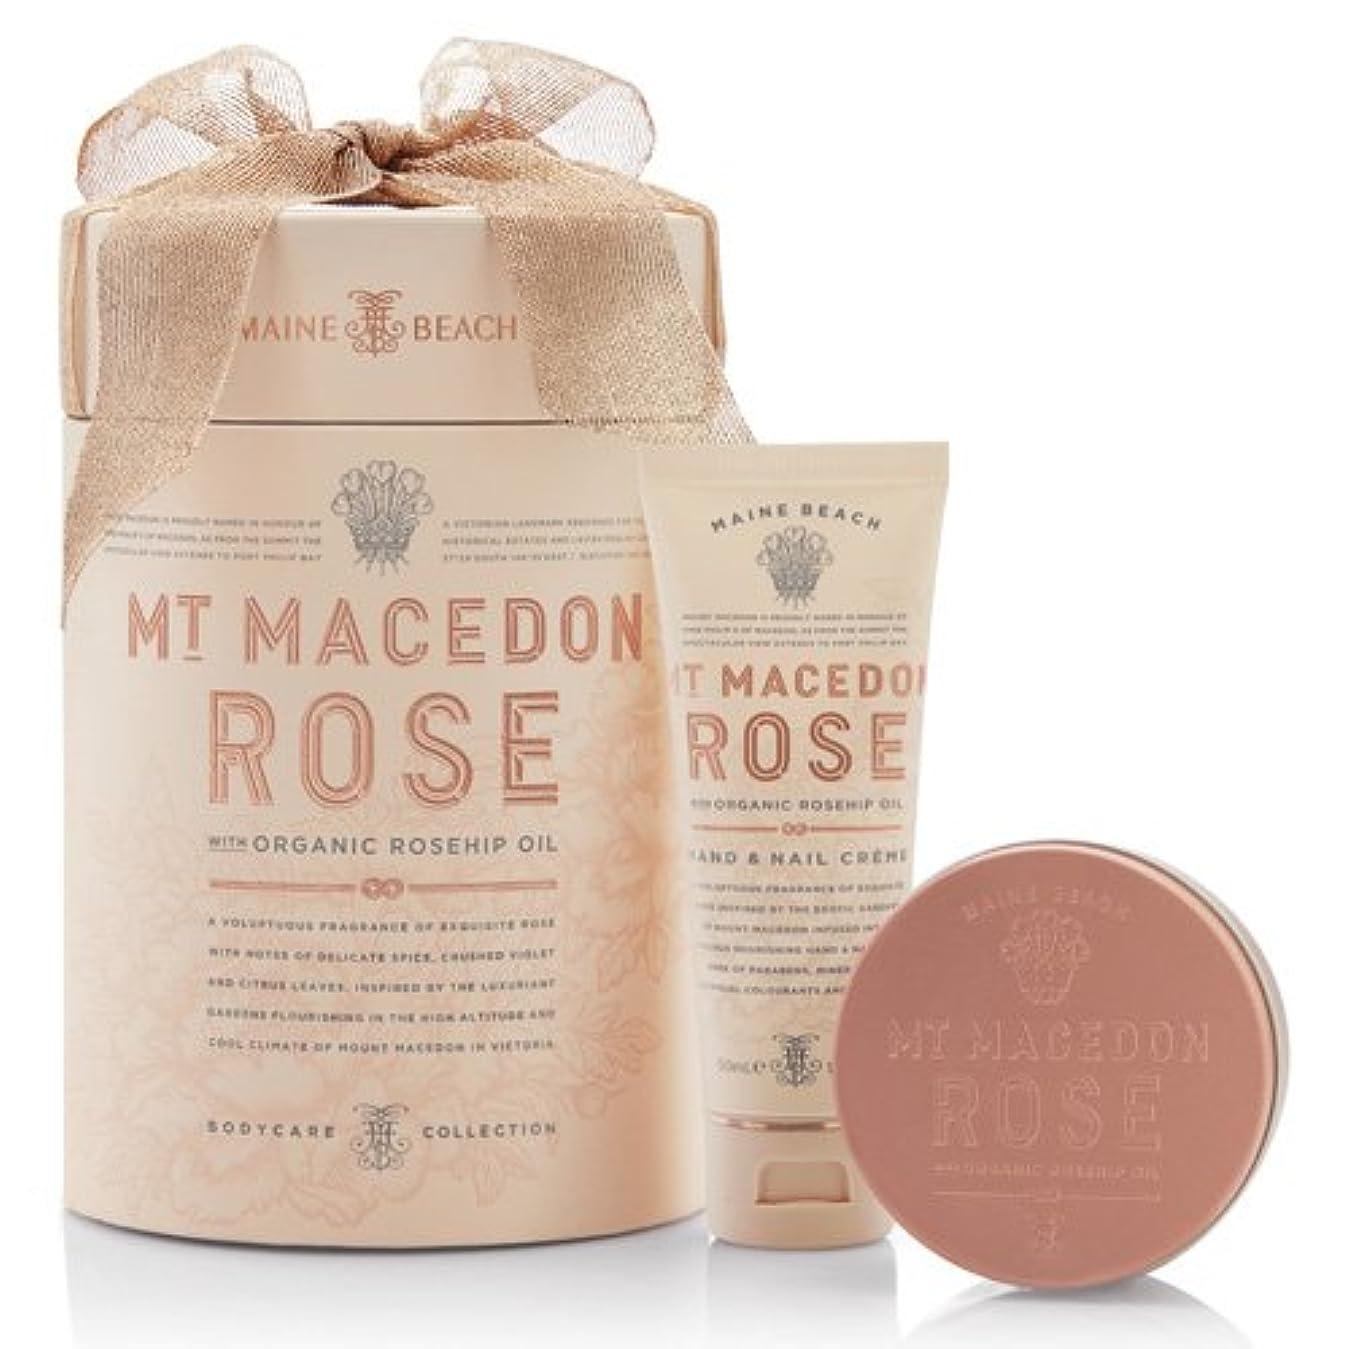 私たちのもの飢えそしてMAINE BEACH マインビーチ MT MACEDON ROSE マウント マセドン ローズ Duo Gift Pack